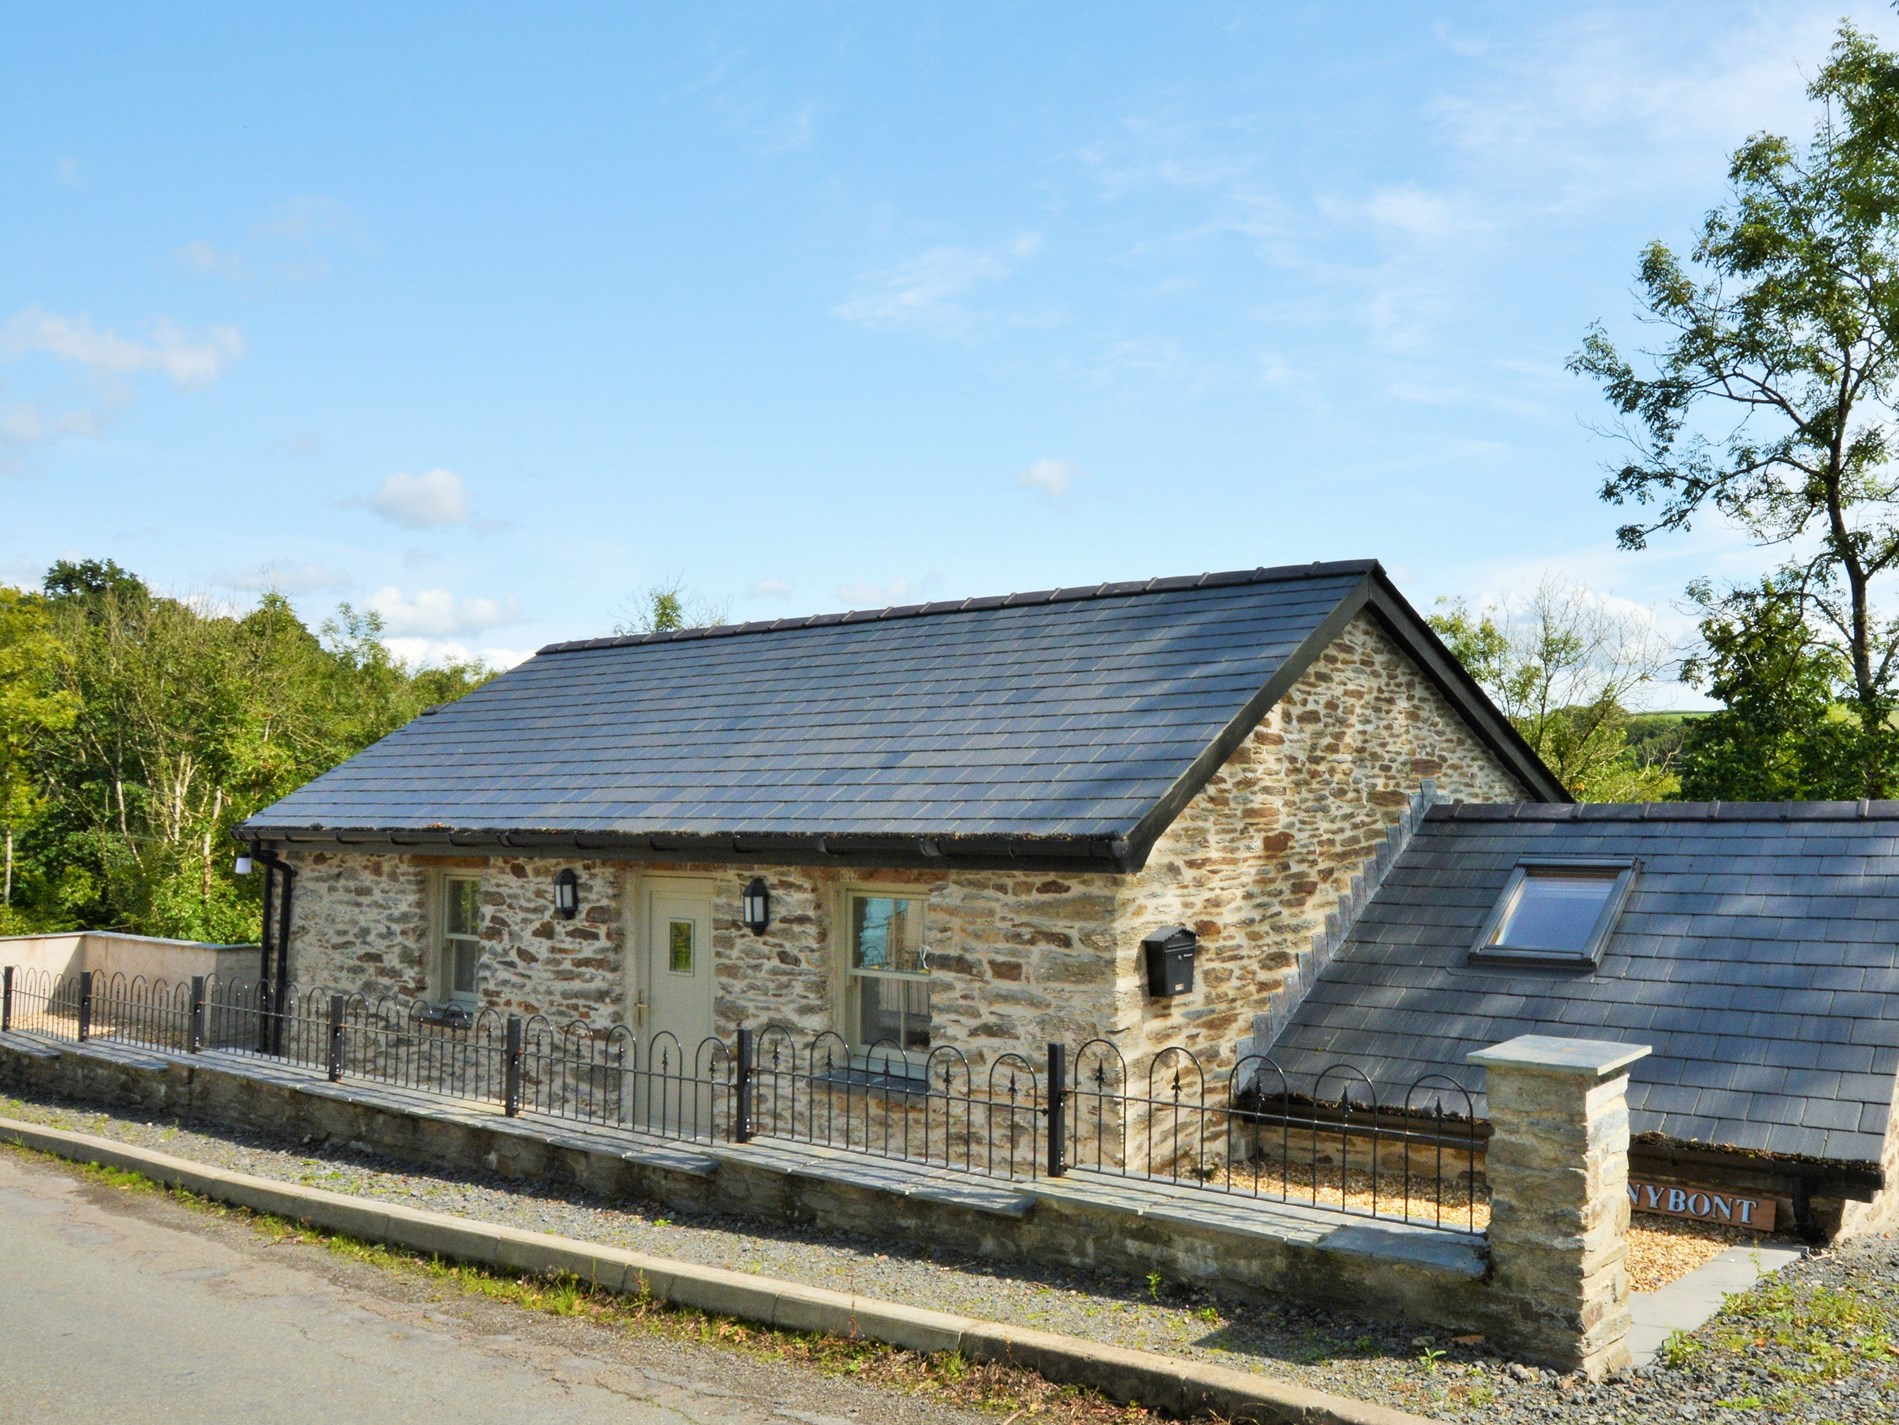 3 Bedroom Cottage in Llandysul, Mid Wales